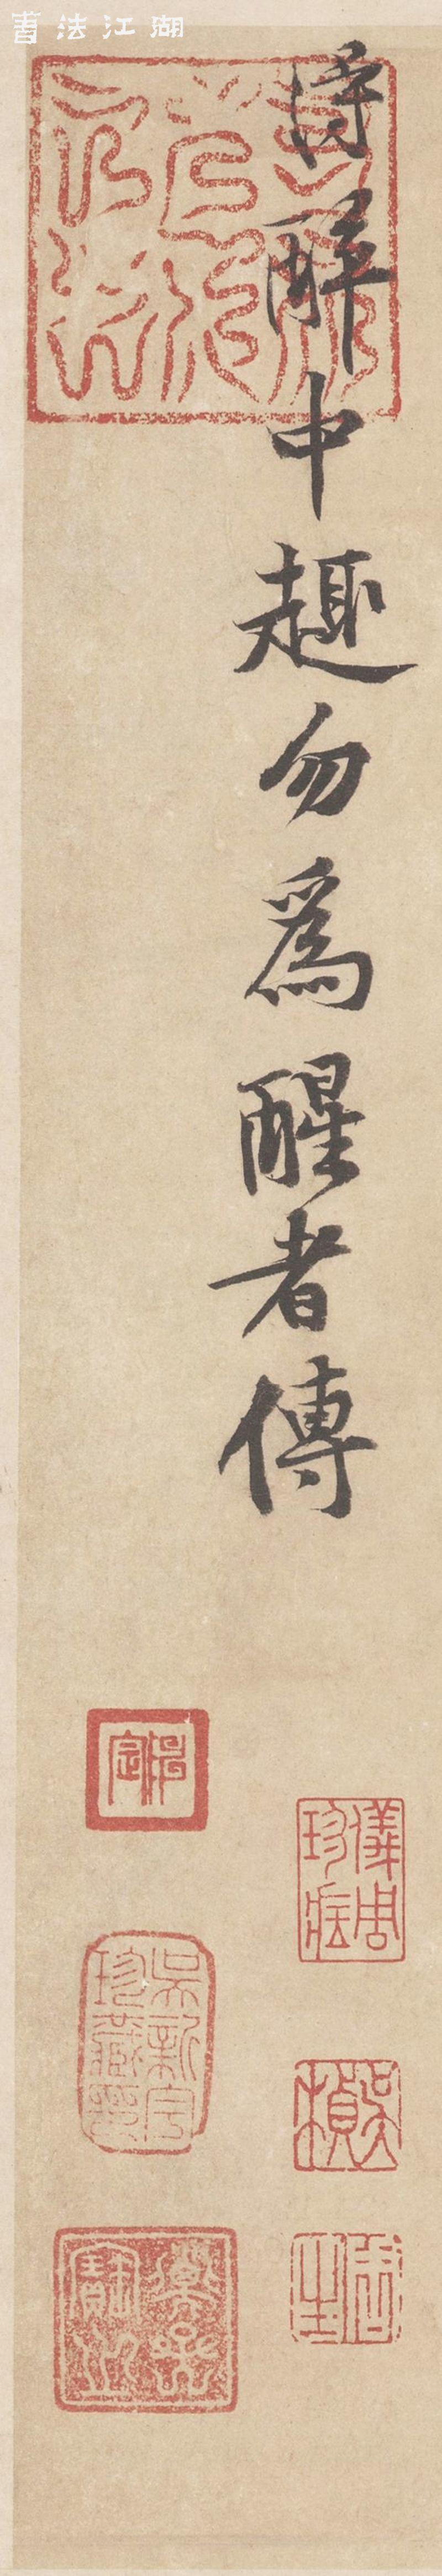 黄庭坚-苦笋赋11.jpg